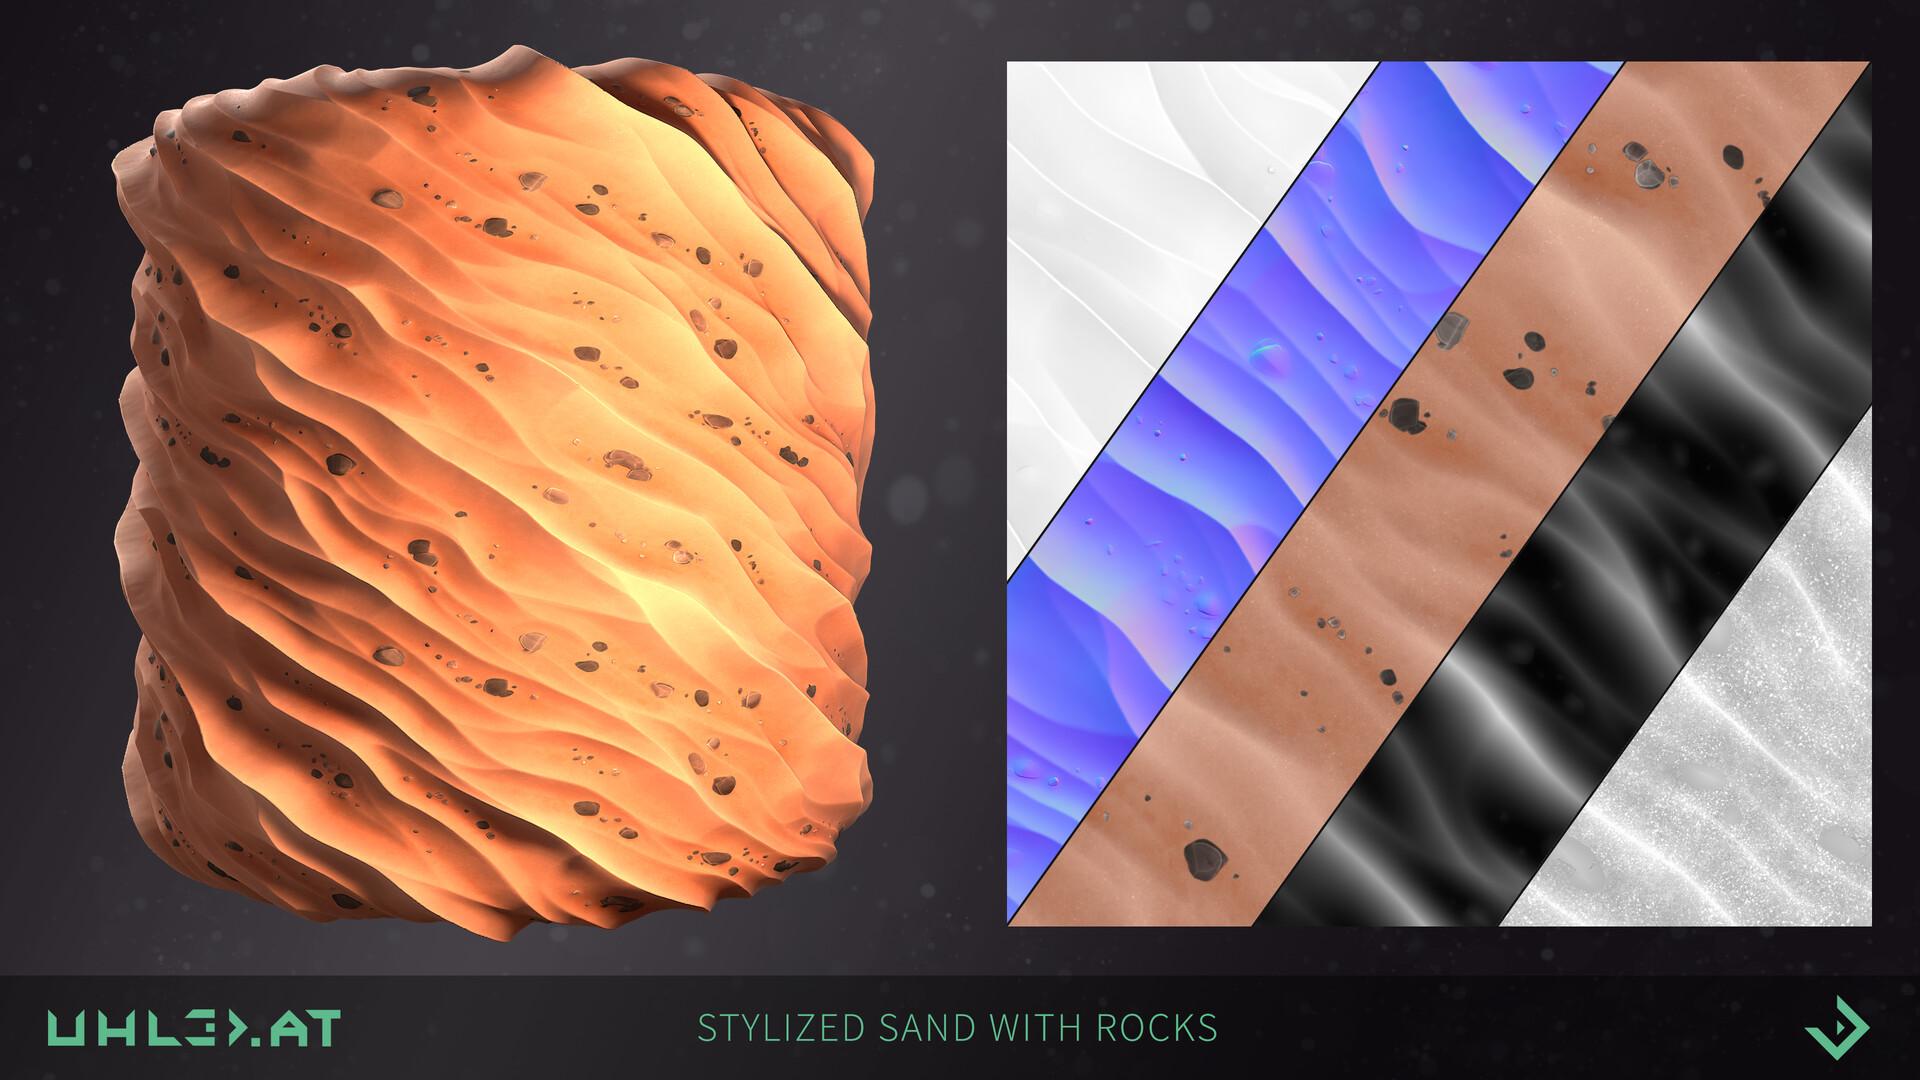 Dominik uhl stylized sand with rocks 06